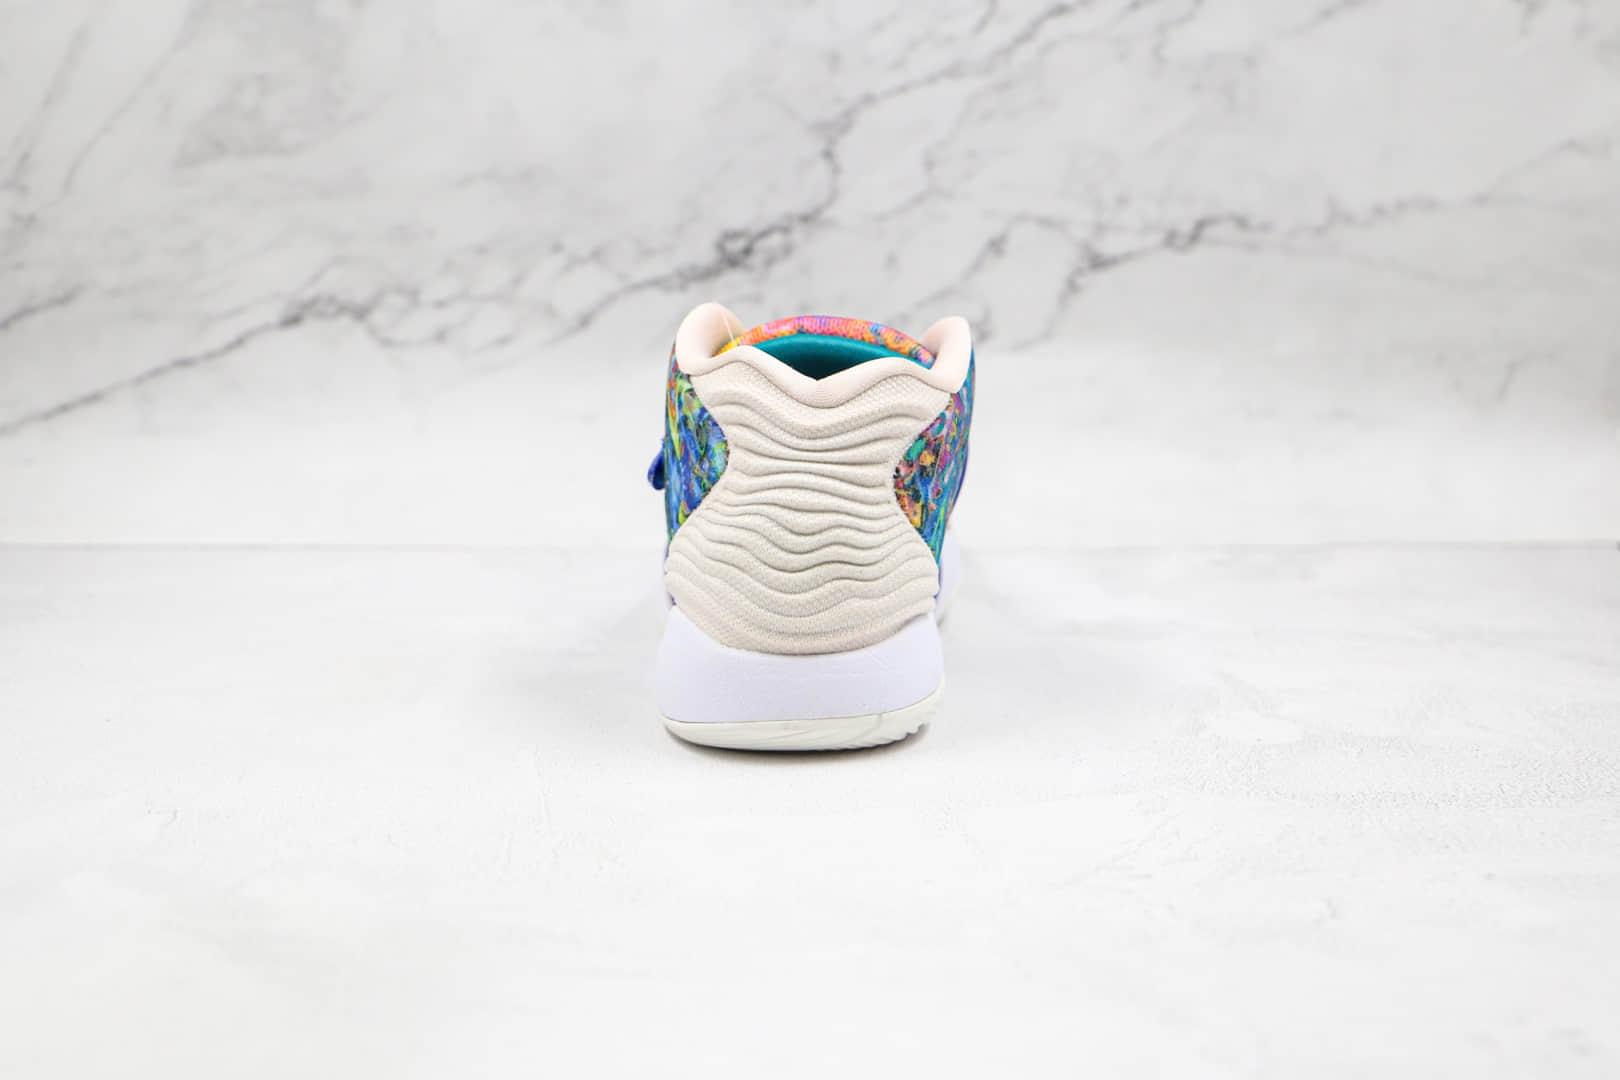 耐克Nike Zoom KD 14纯原版本杜兰特14代扎蓝色染配色实战篮球鞋内置气垫 货号:CZ0170-400